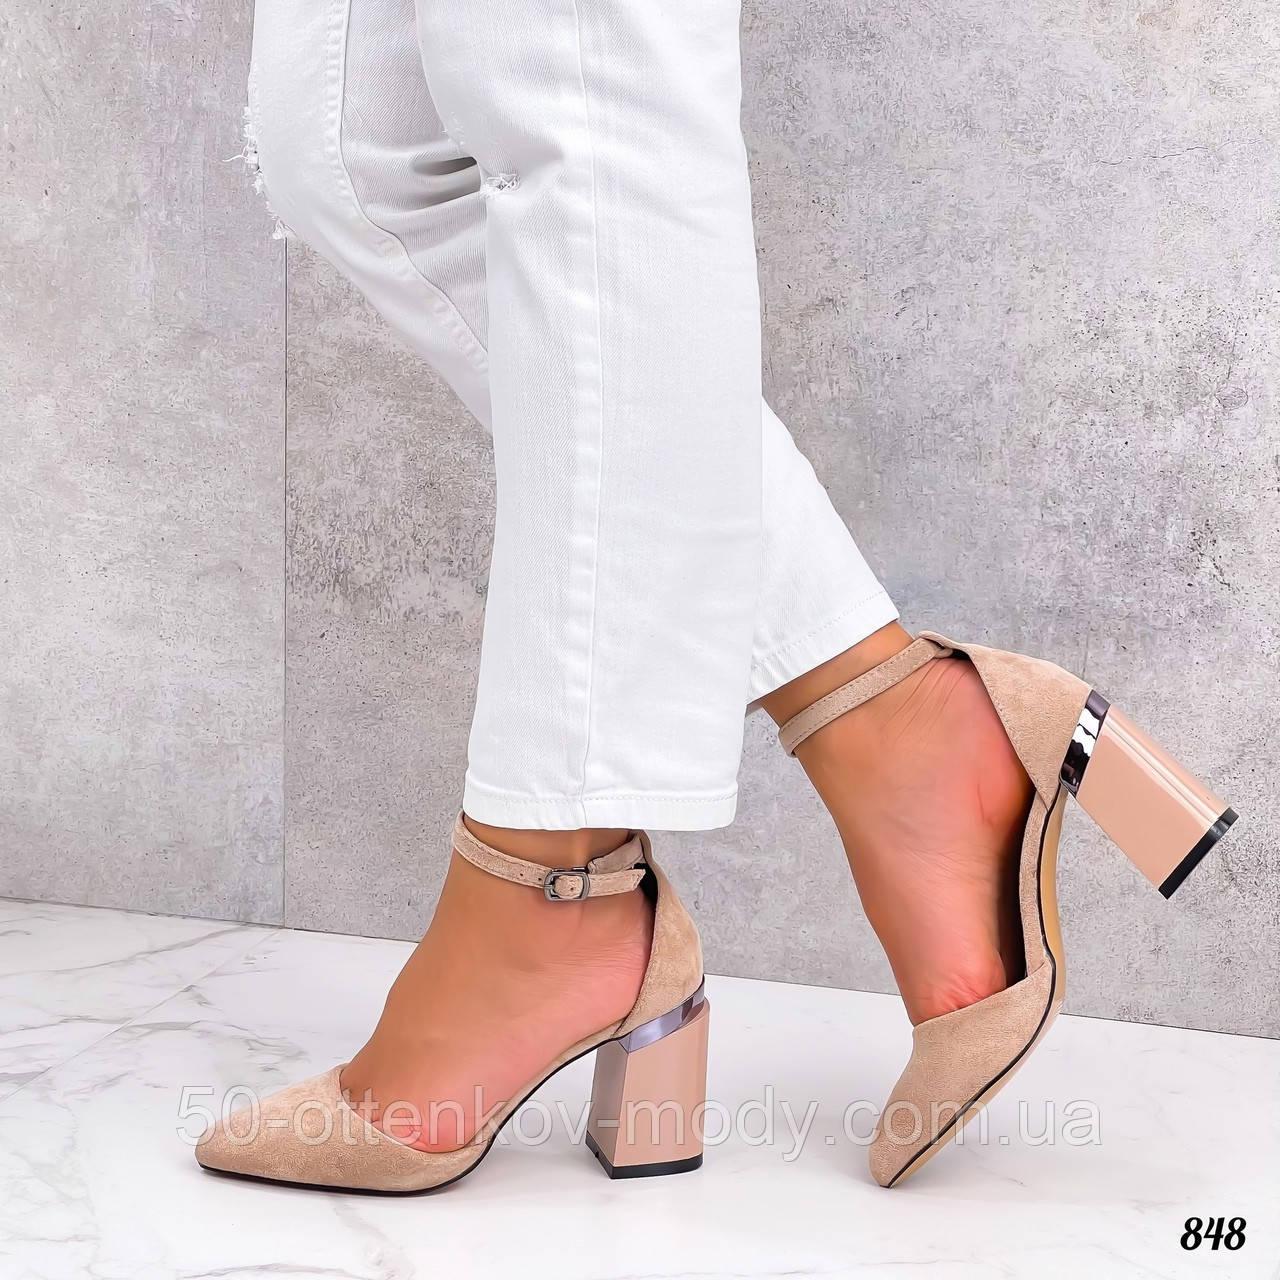 Женские туфли на невысоком устойчивом каблуке с ремешком на щиколотке бежевые